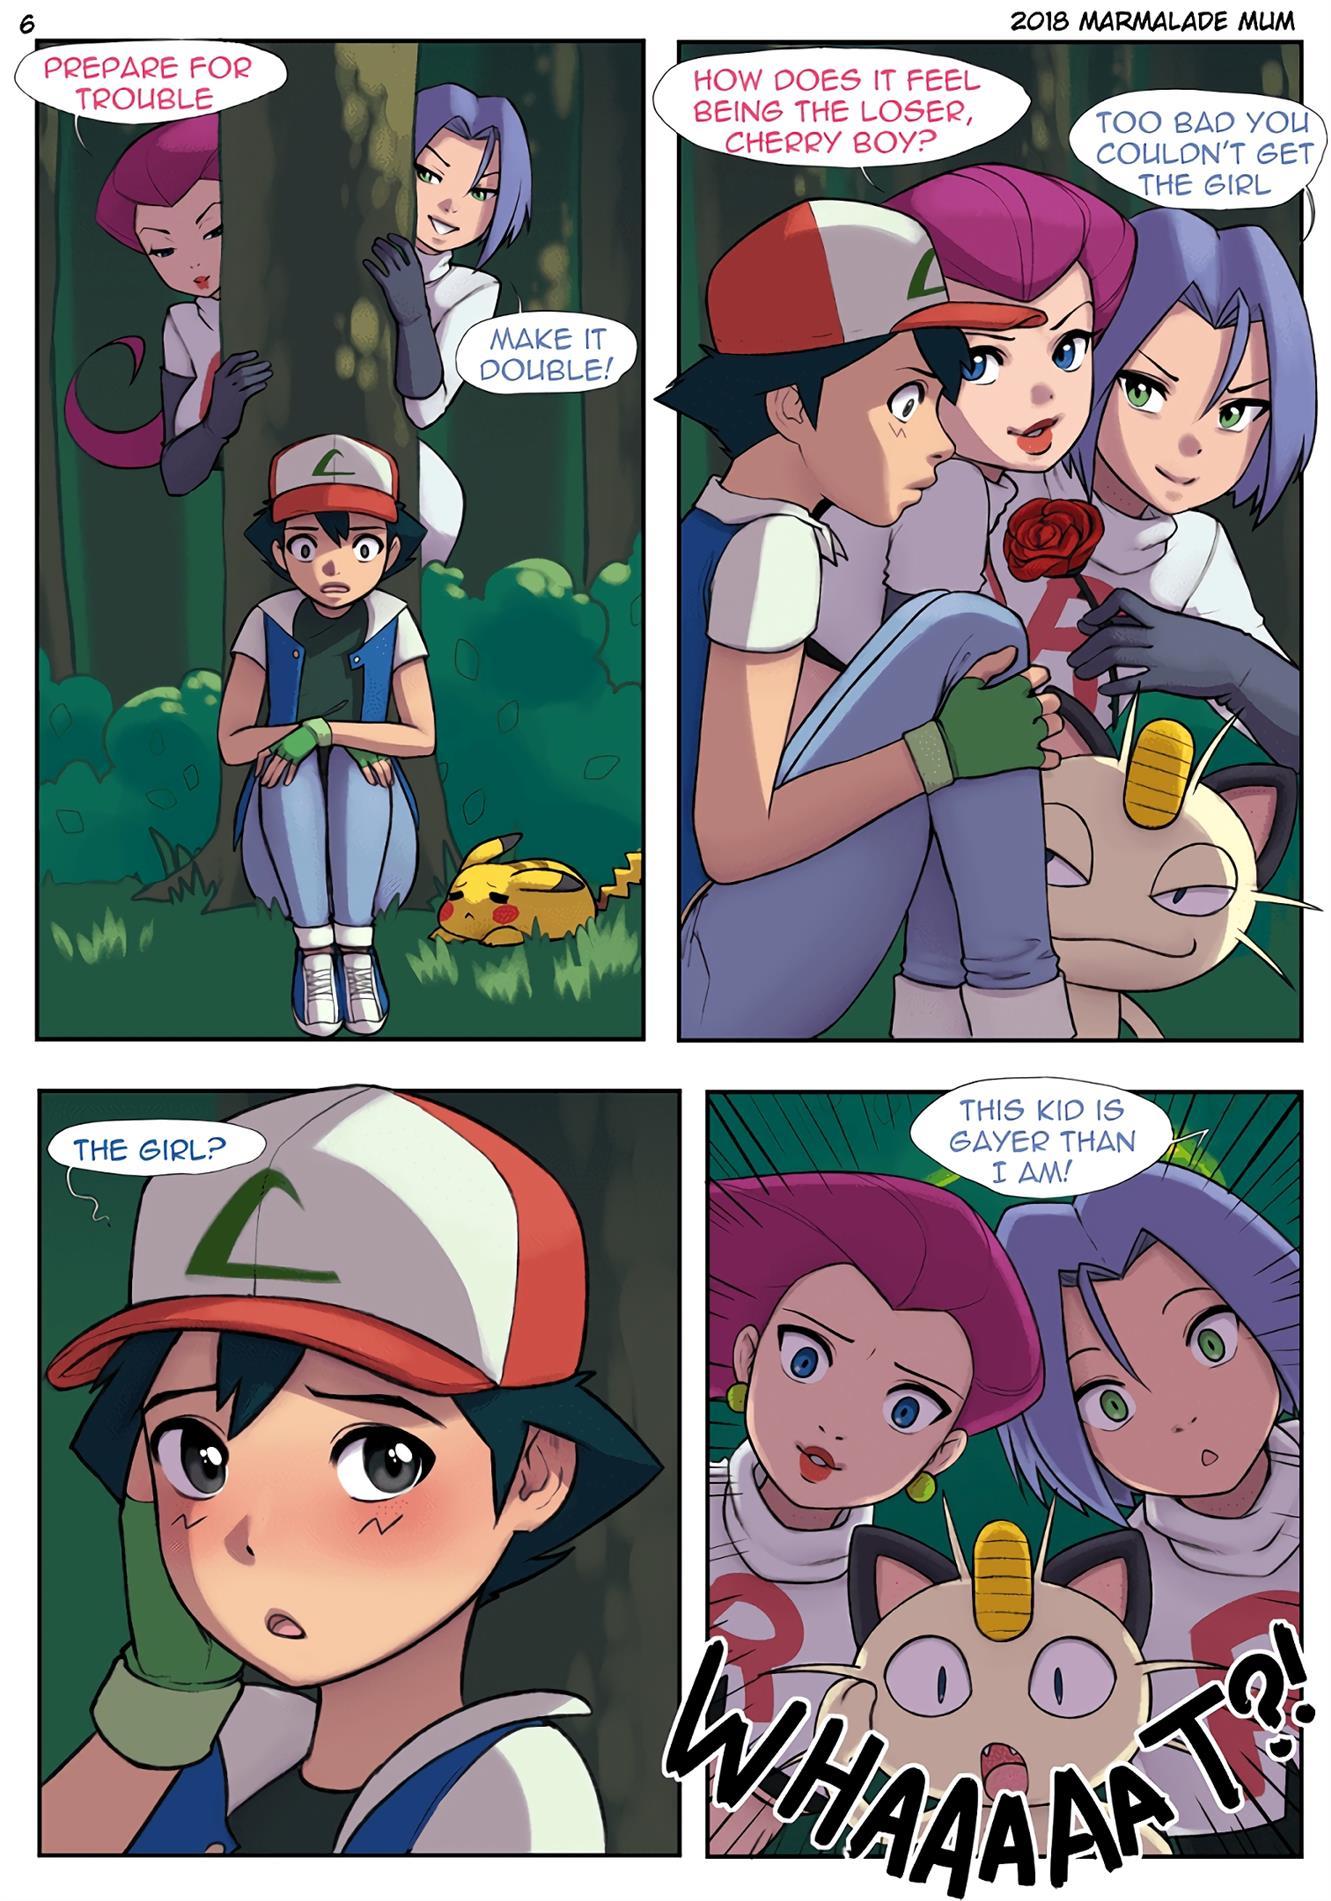 Pokiemen - Futa League (Pokemon) [Marmalade Mum] - Foto 9